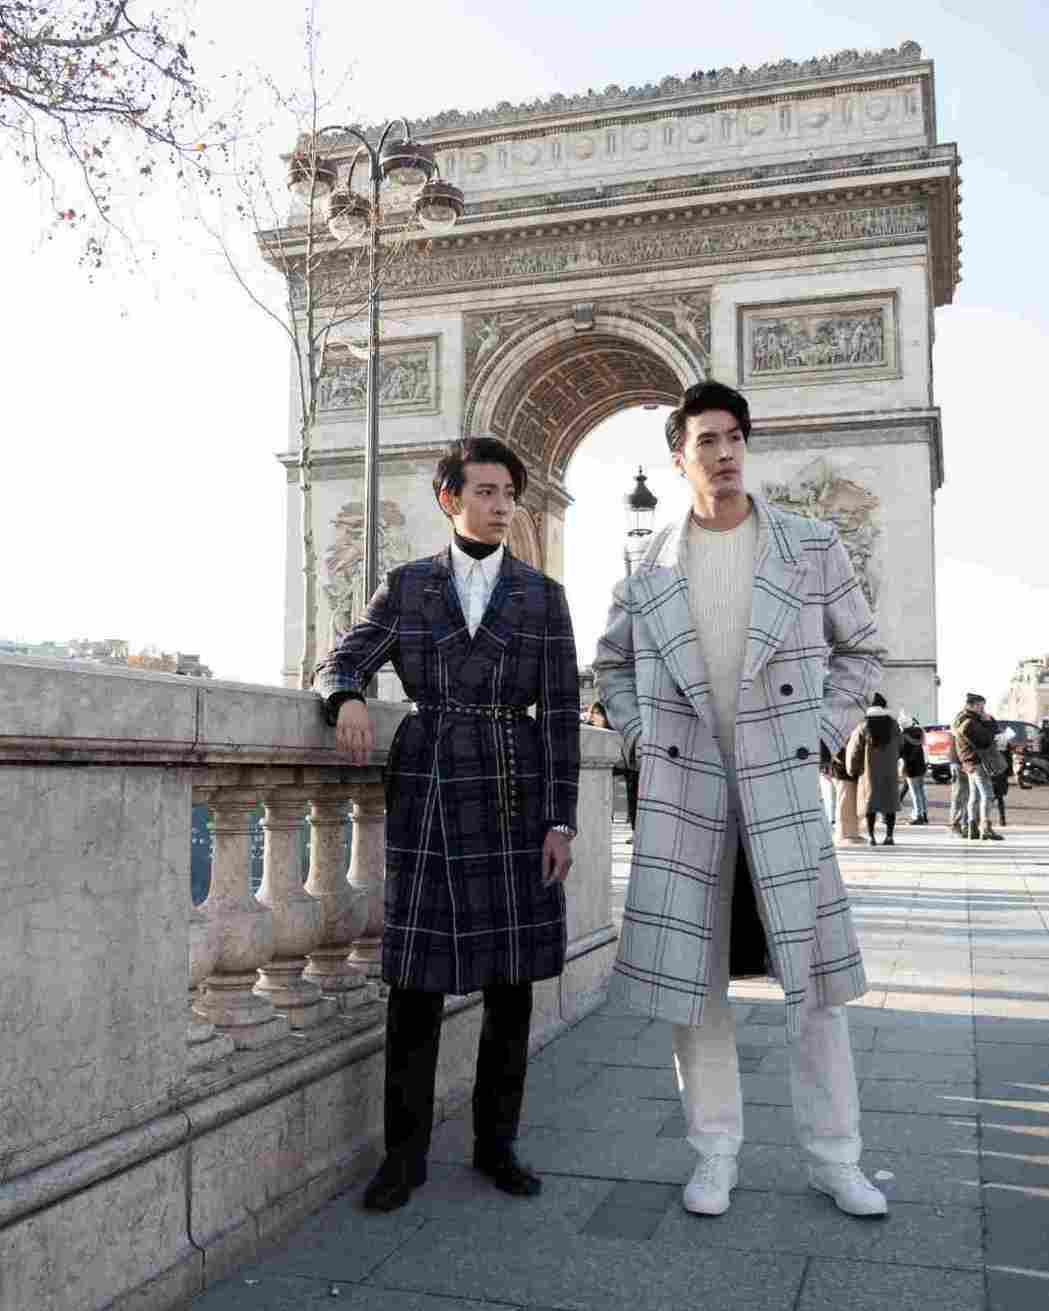 錦榮與師弟彭千祐(左)一起在巴黎凱旋門前展現帥氣丰采。圖/吾貳不作娛樂提供